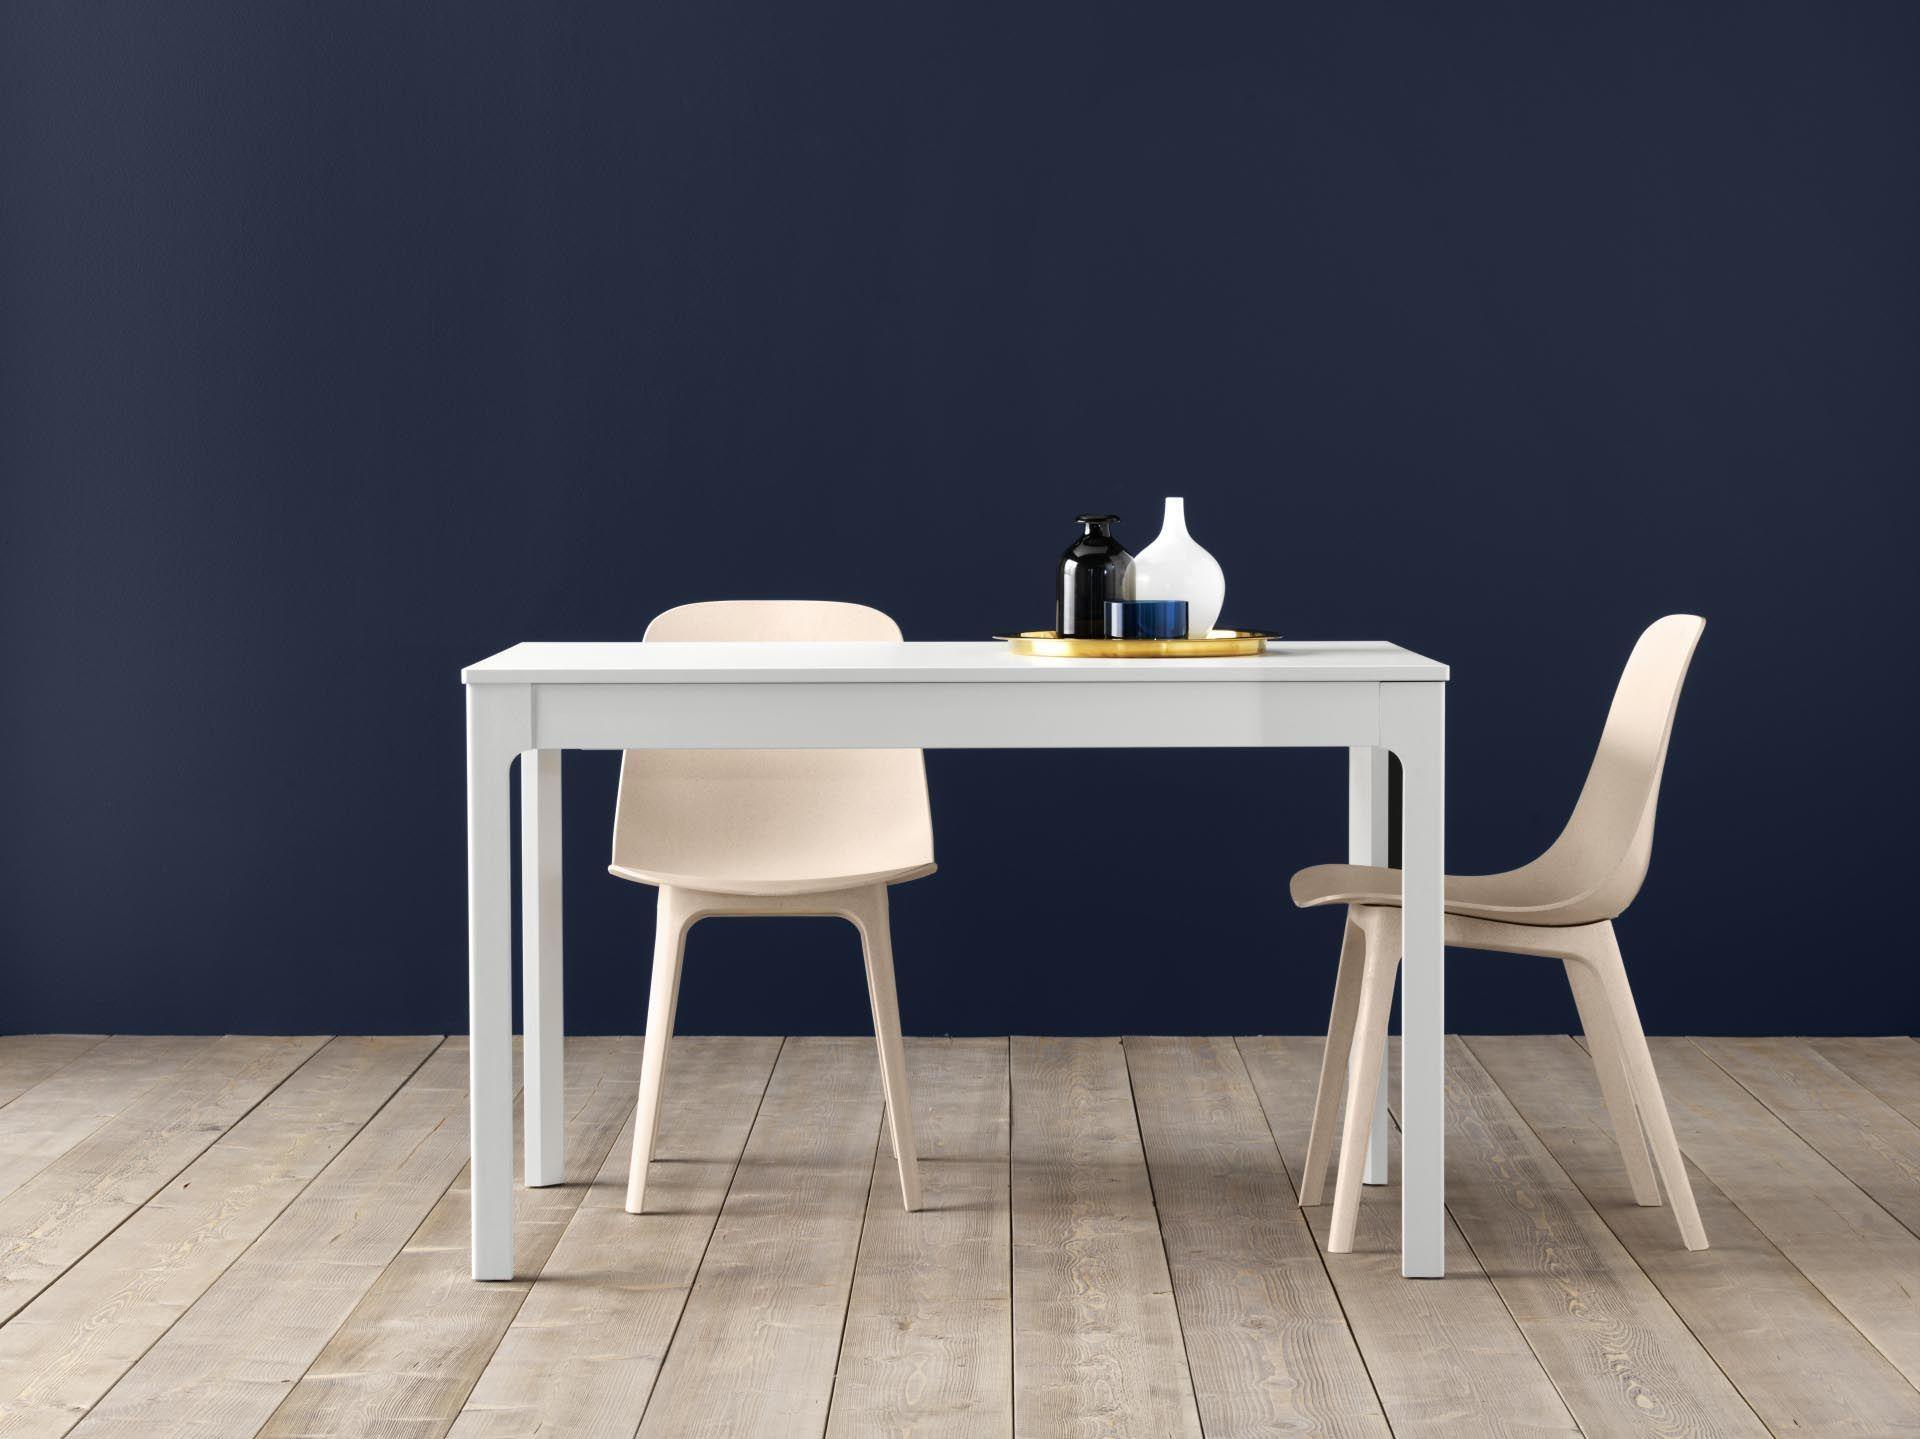 Uitschuifbare Ikea Eettafel.Ekedalen Uitschuifbare Tafel Wit Marlou Designdroom